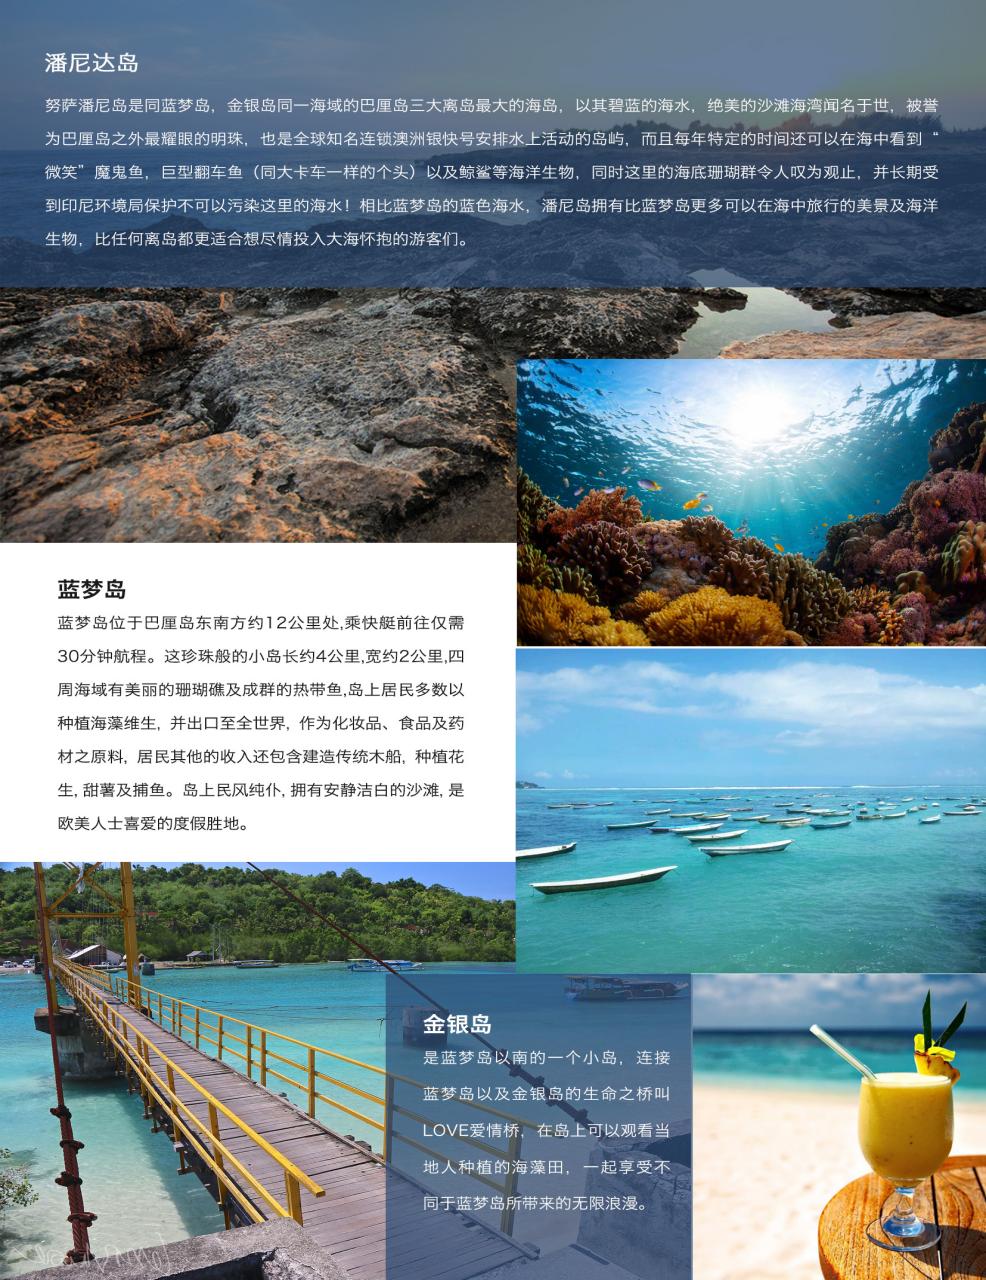 浪漫巴厘岛三岛环游 纯净蓝梦岛金银岛潘尼达岛(6日行程)